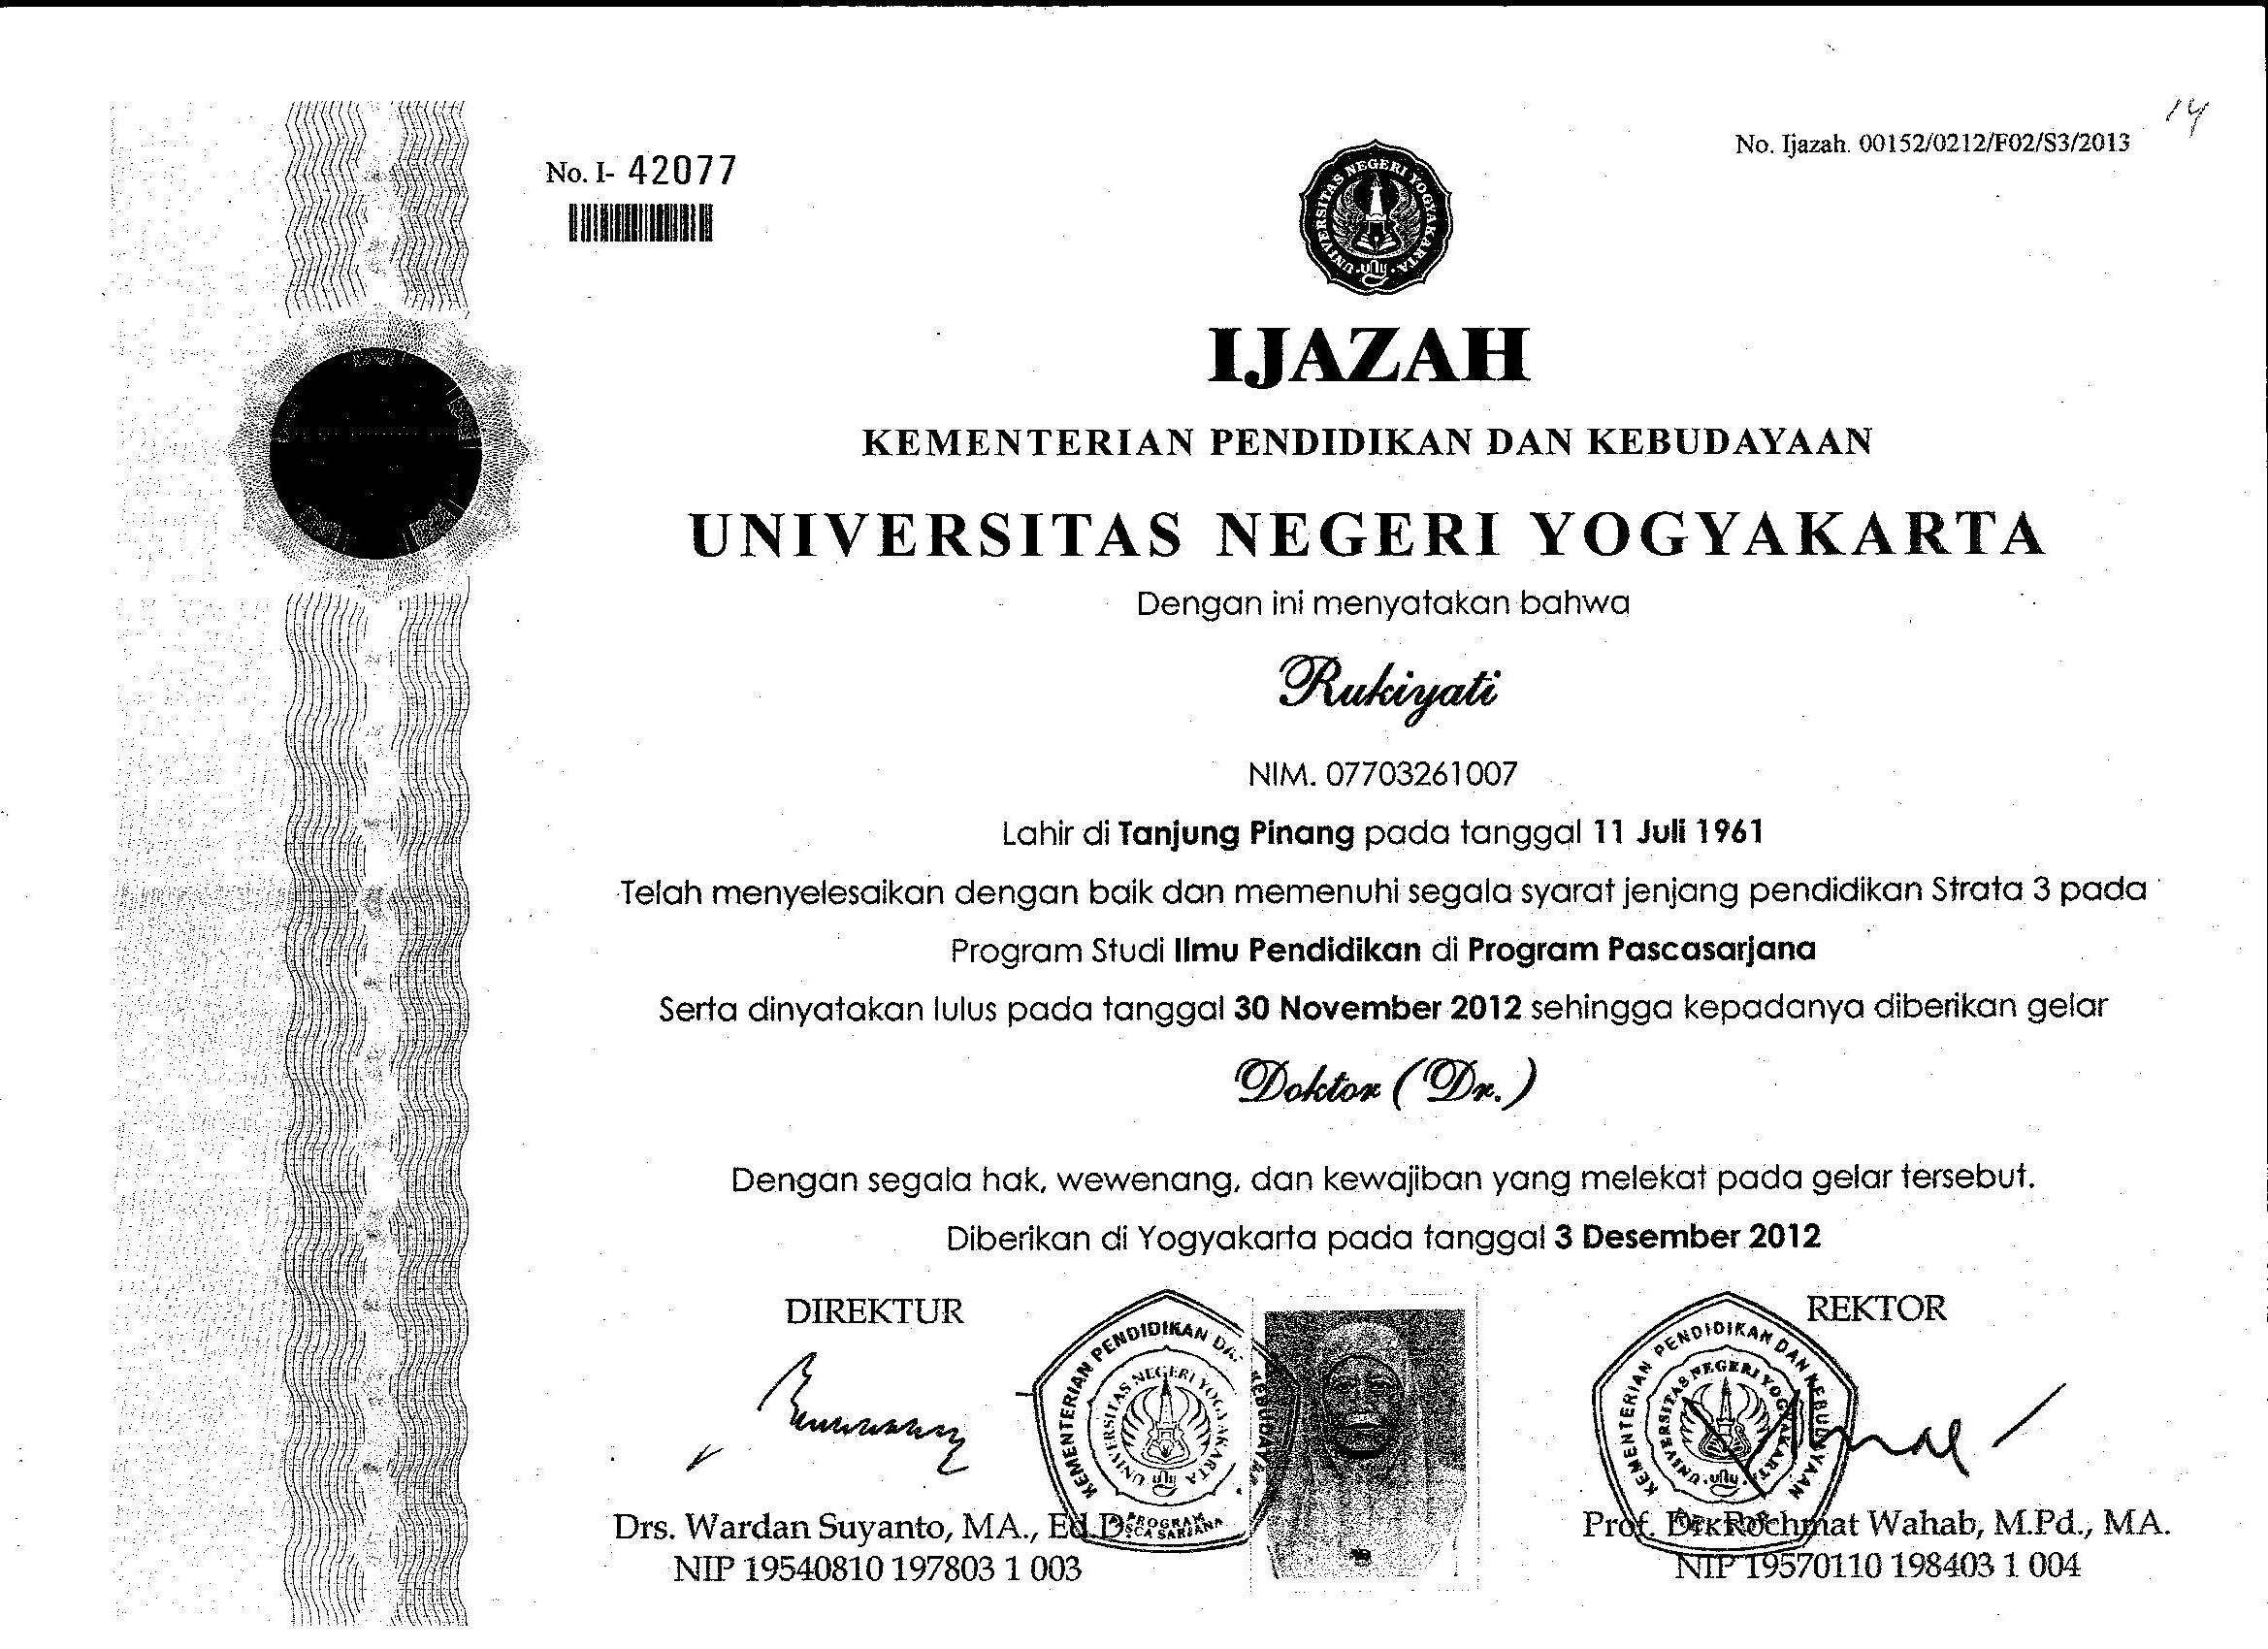 Rukiyati Hum Staff Site Universitas Negeri Yogyakarta